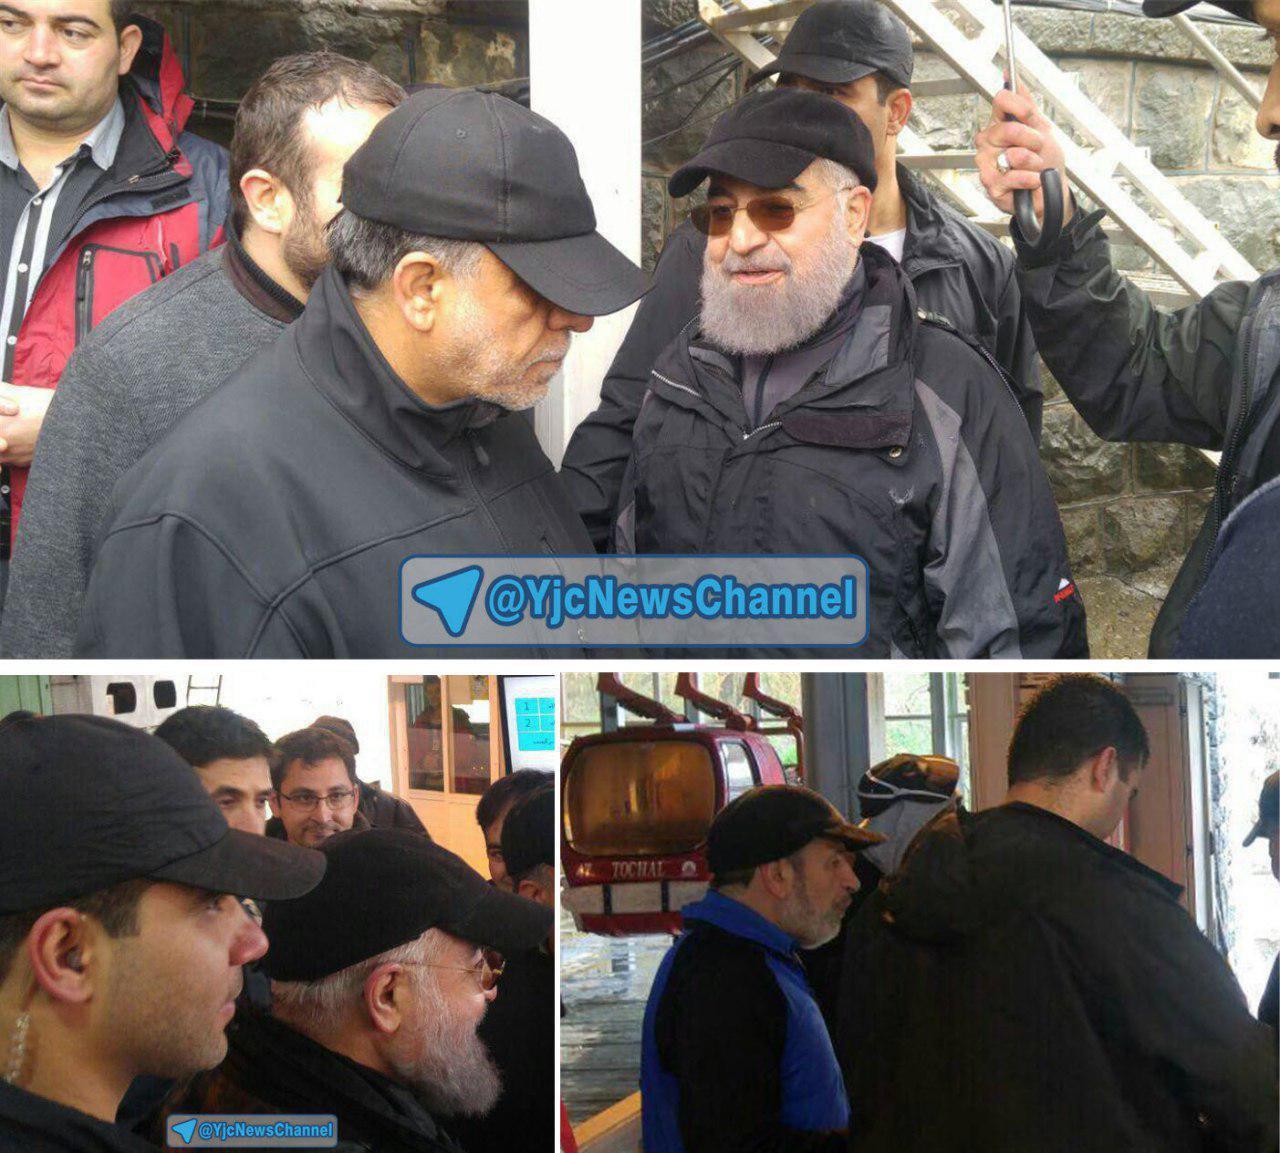 پیاده روی رئیس جمهور در توچال با ظاهری متفاوت+ عکس